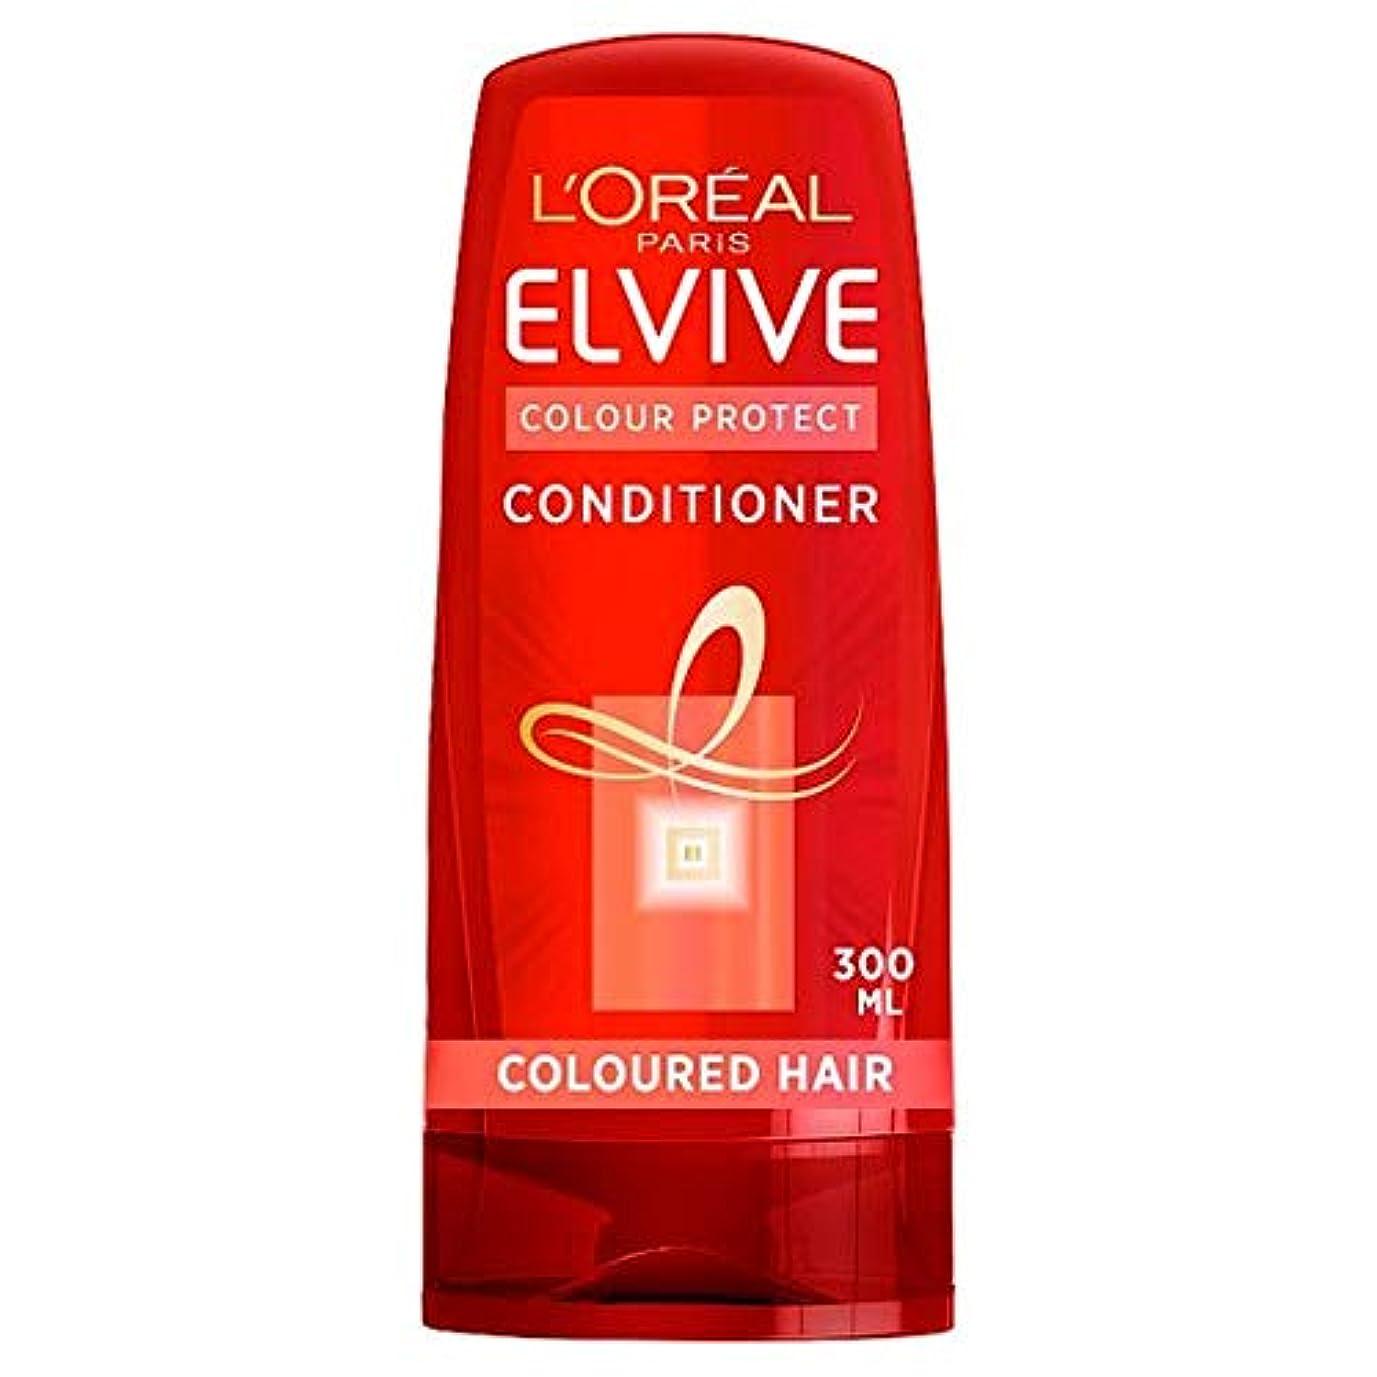 予備武器やけど[Elvive] ロレアルElvive色の保護ヘアコンディショナー300ミリリットル - L'oreal Elvive Coloured Protection Hair Conditioner 300Ml [並行輸入品]